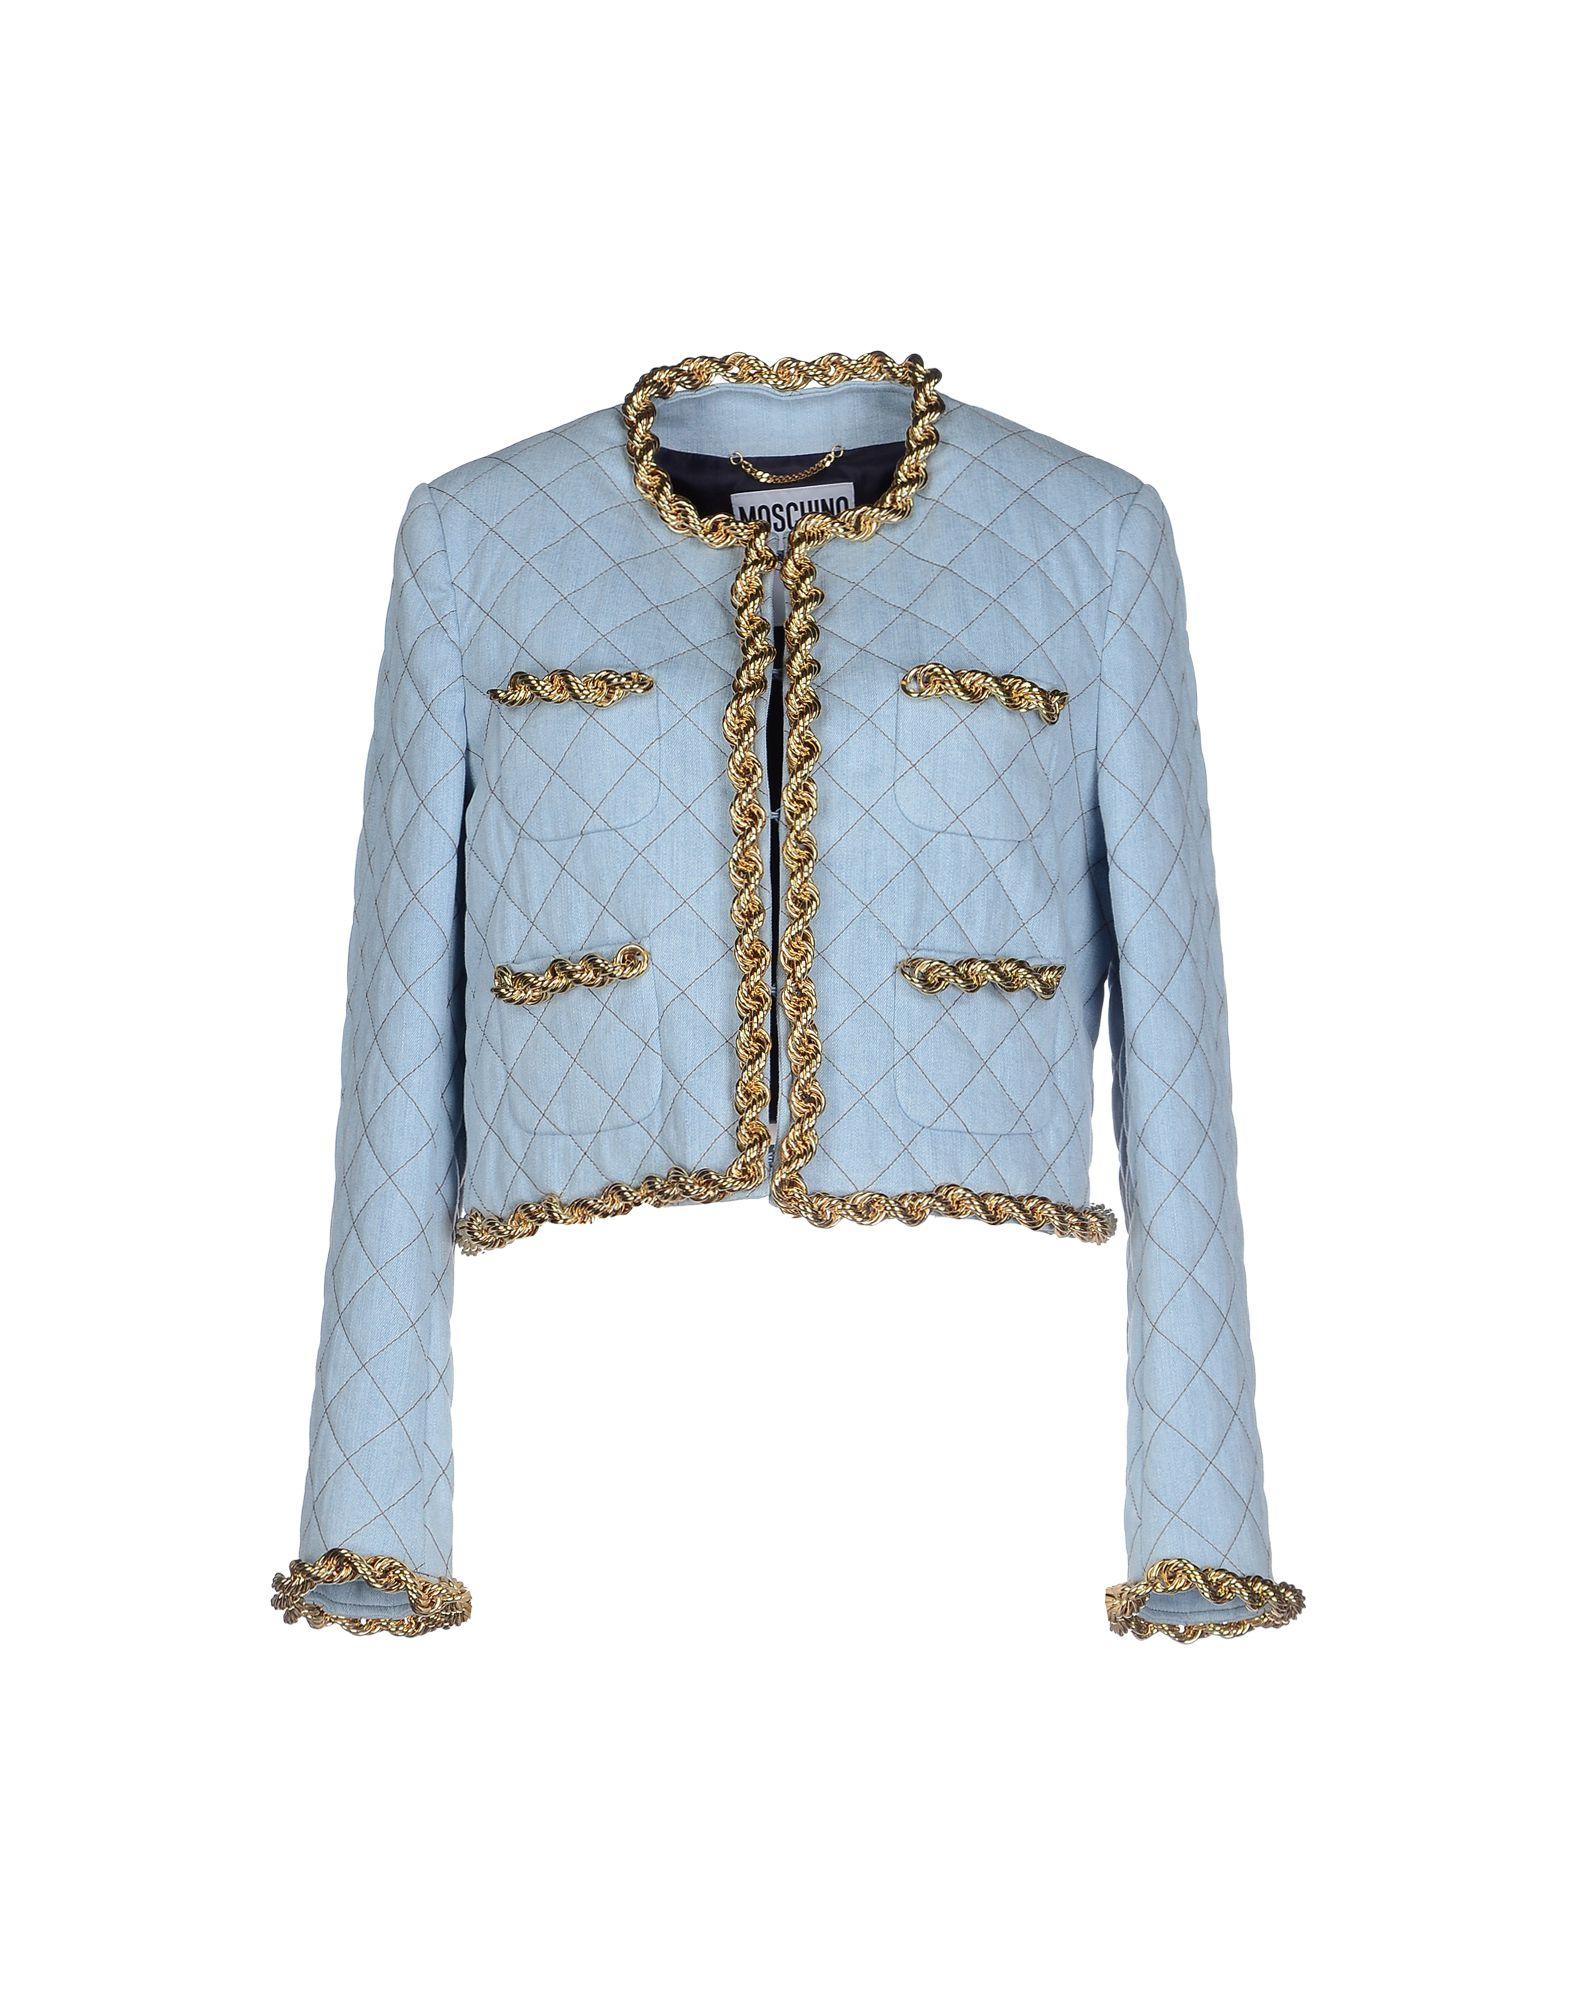 MOSCHINO Джинсовая верхняя одежда represent джинсовая верхняя одежда